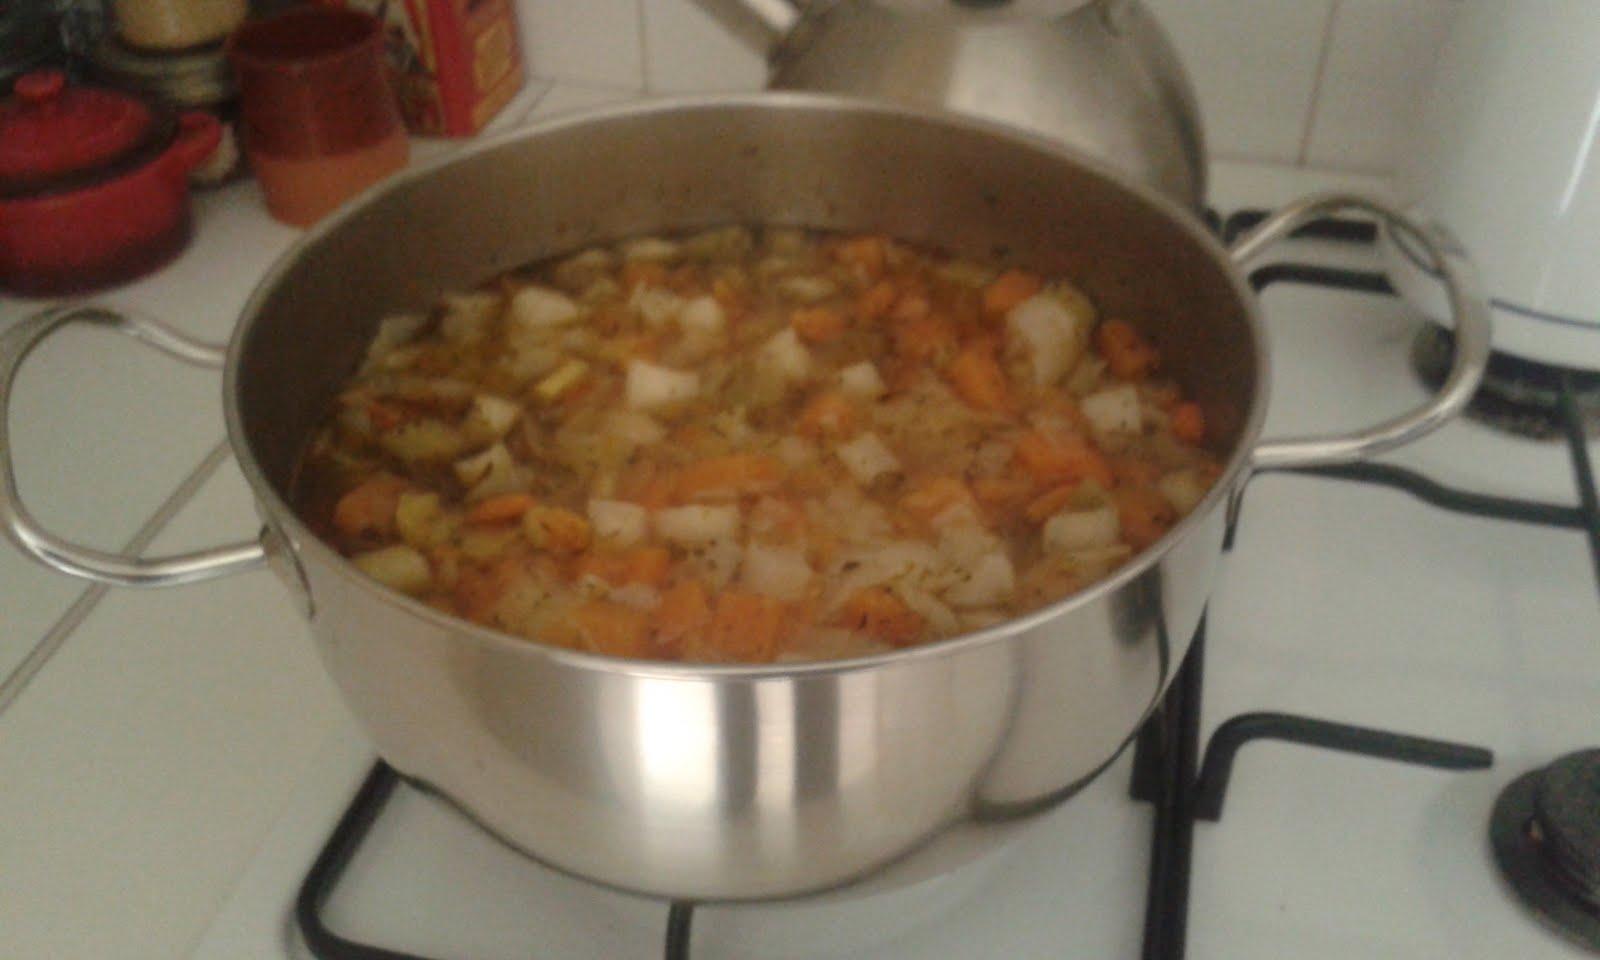 Les cr as de coco soupe de l gumes maison - Soupe de legume maison ...